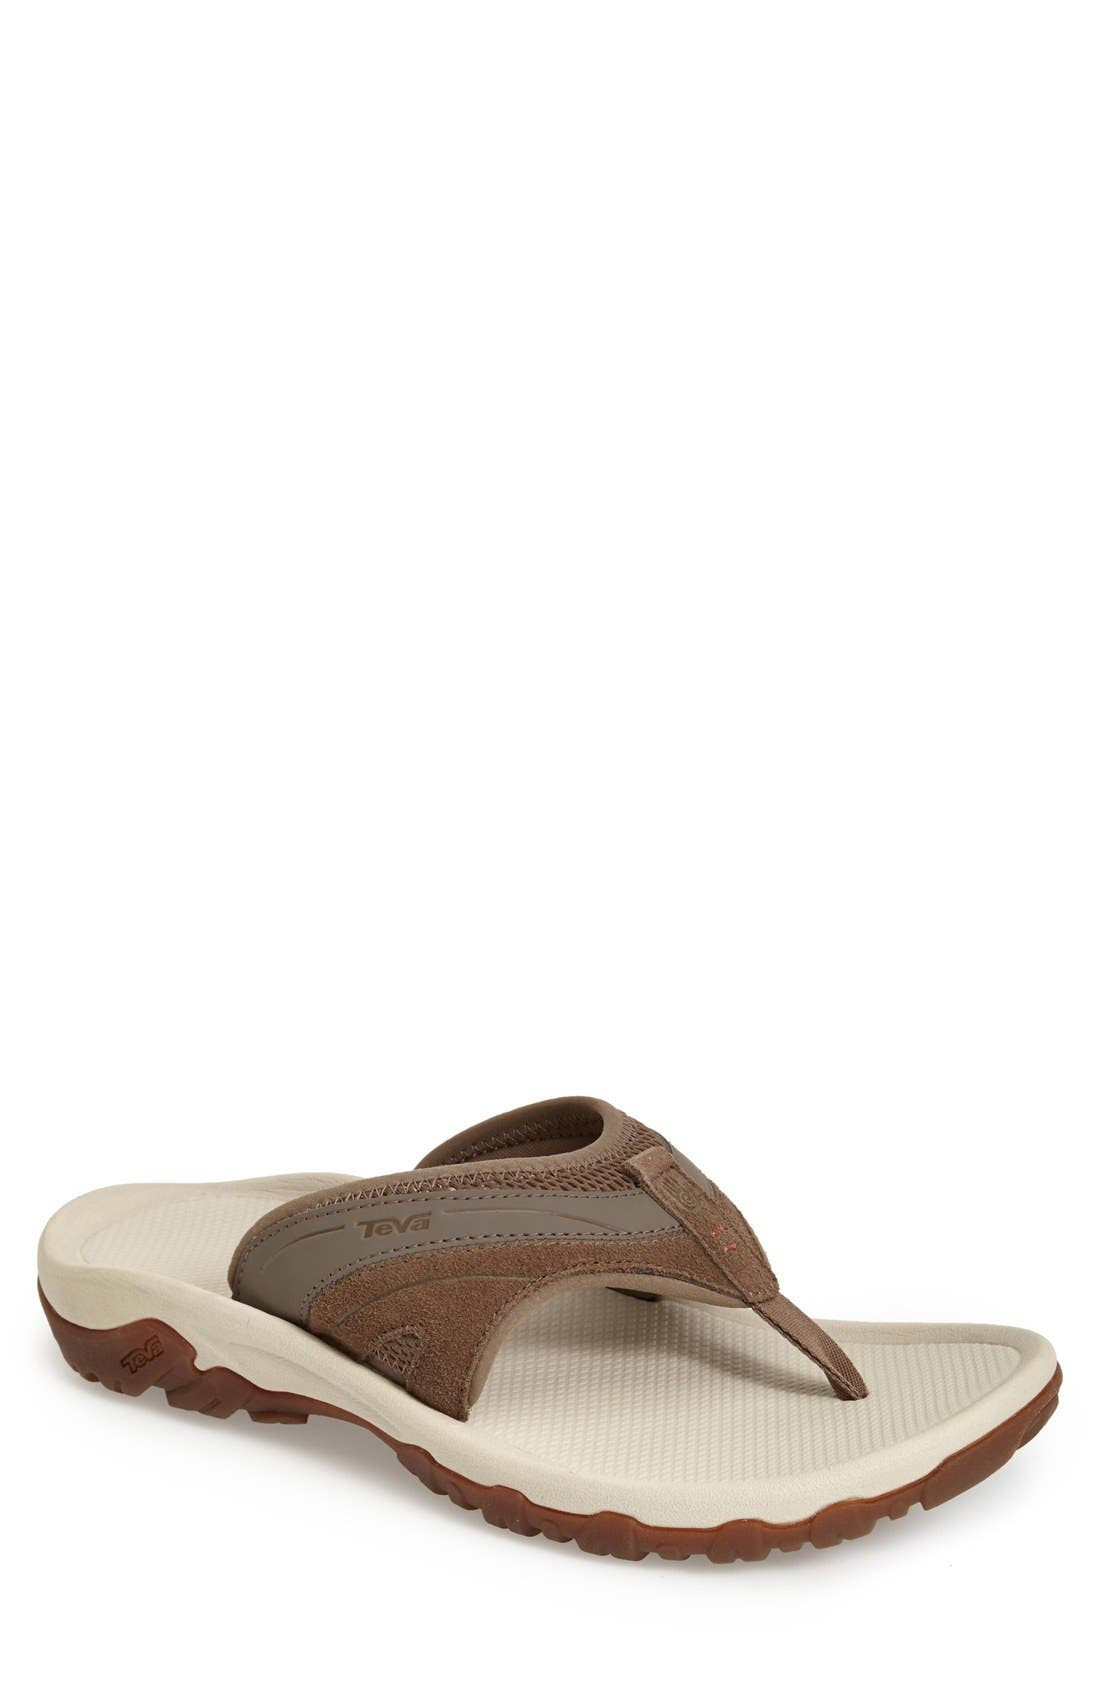 TEVA 'Pajaro' Sandal